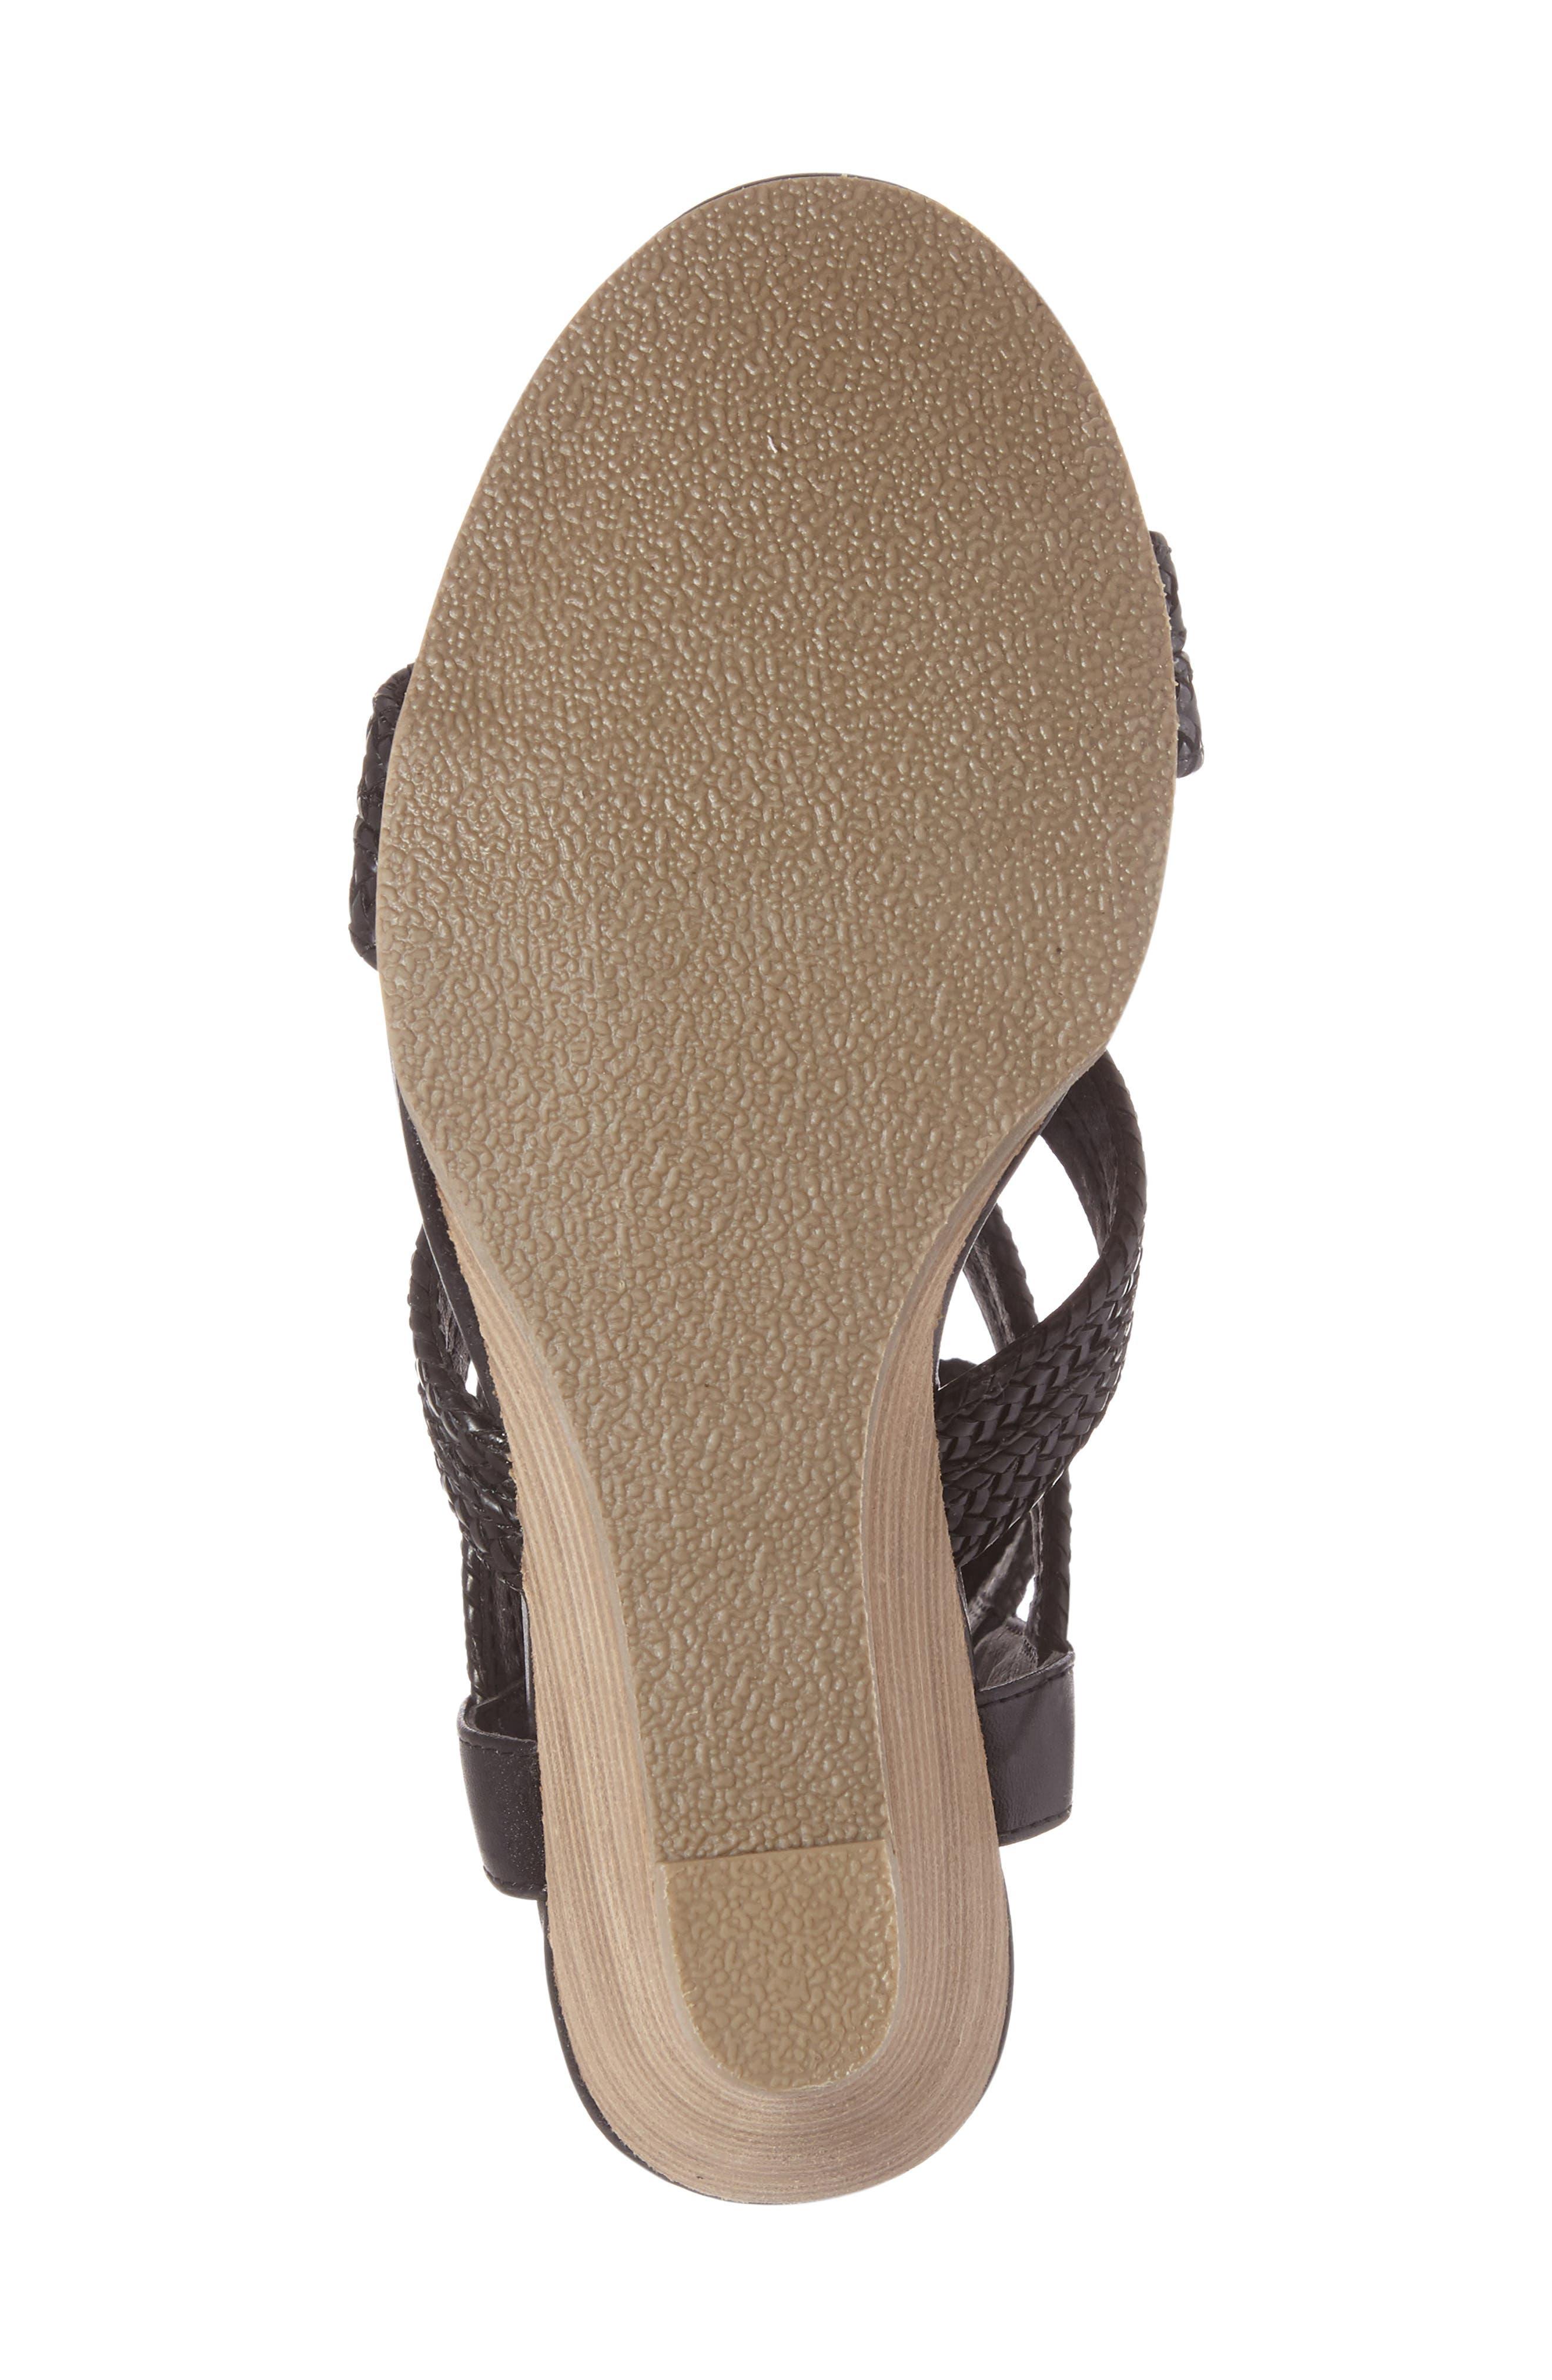 Alternate Image 4  - Matisse Whimsy Wedge Sandal (Women)